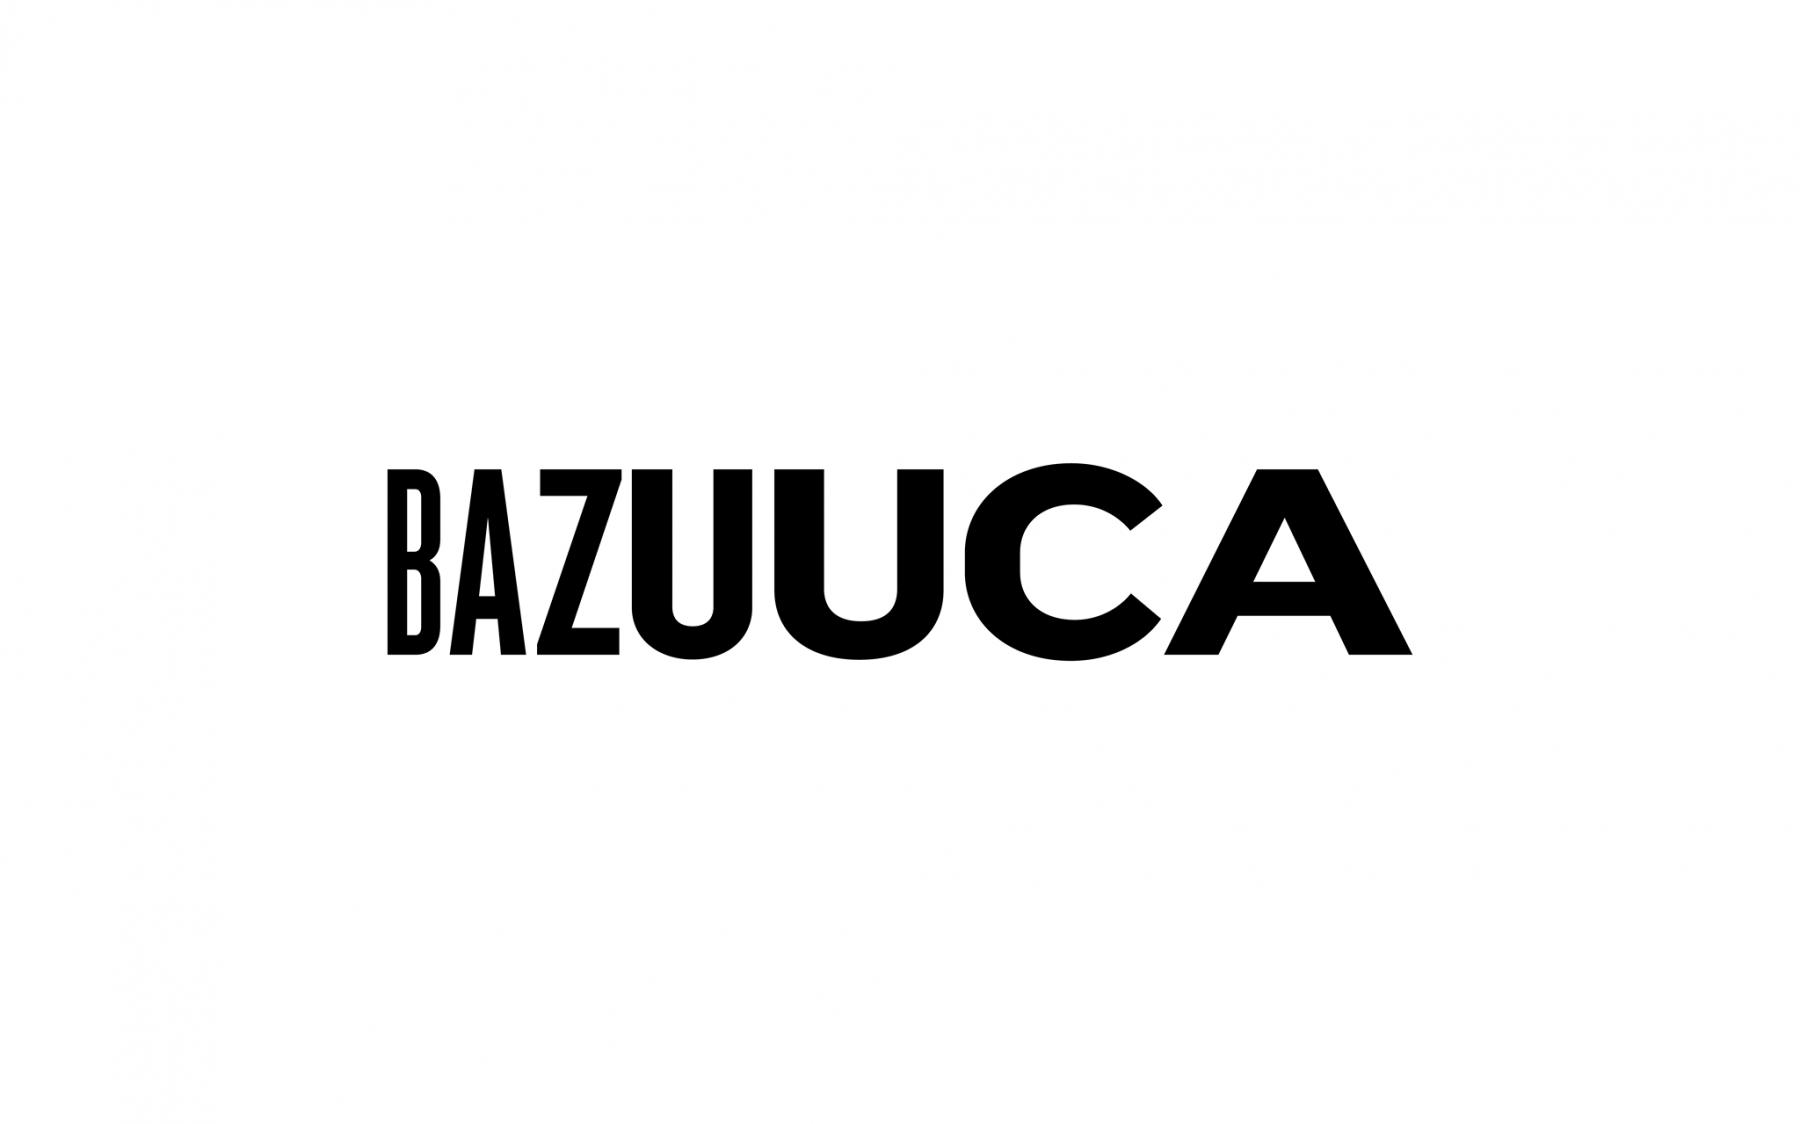 Bazuuca Bandas de Braga